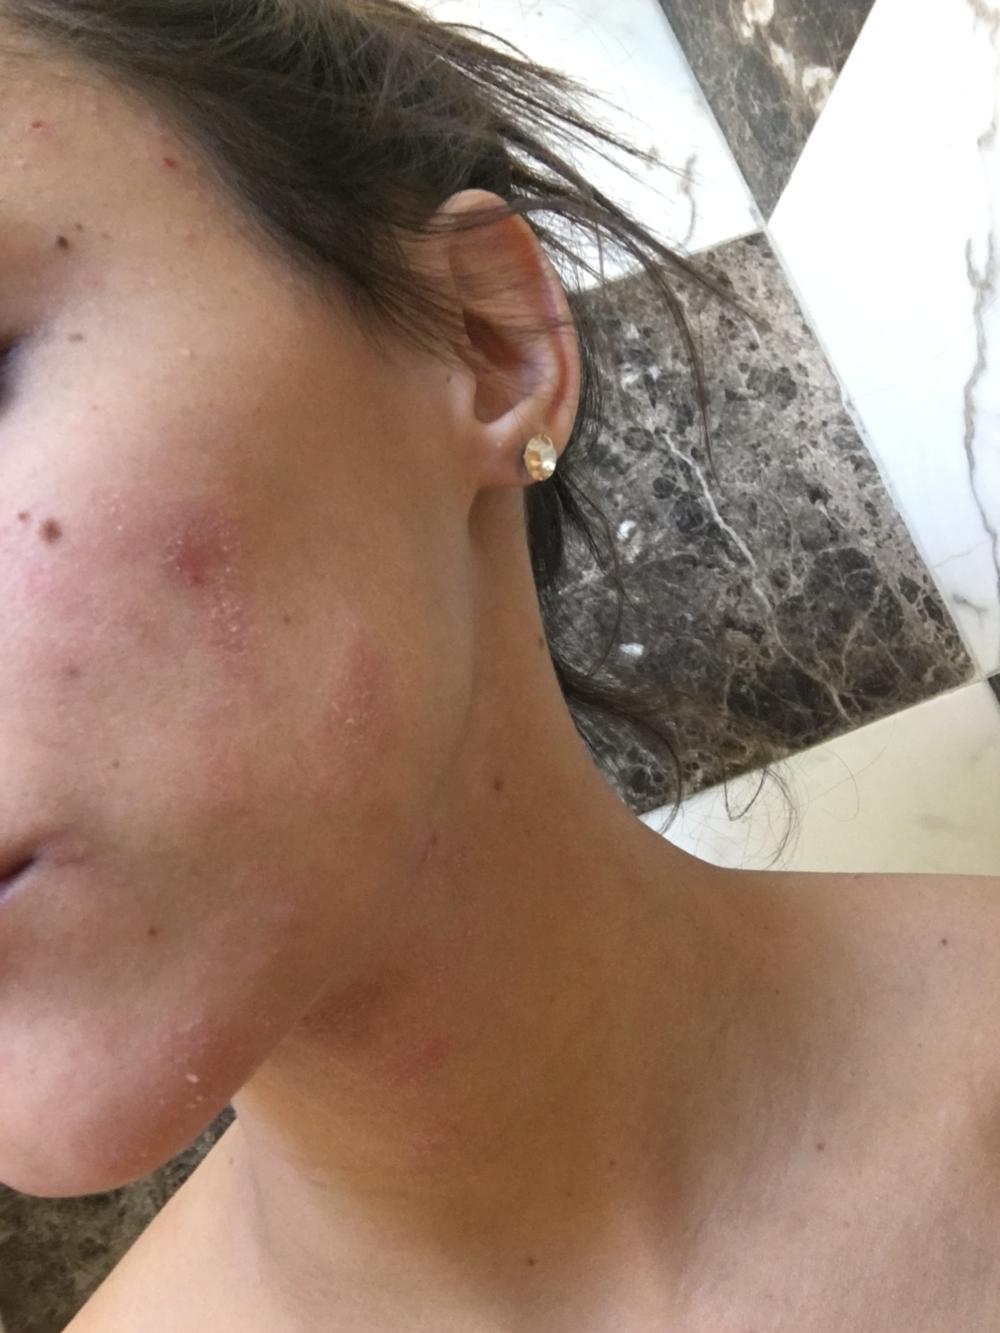 skin 4 october 2015.png